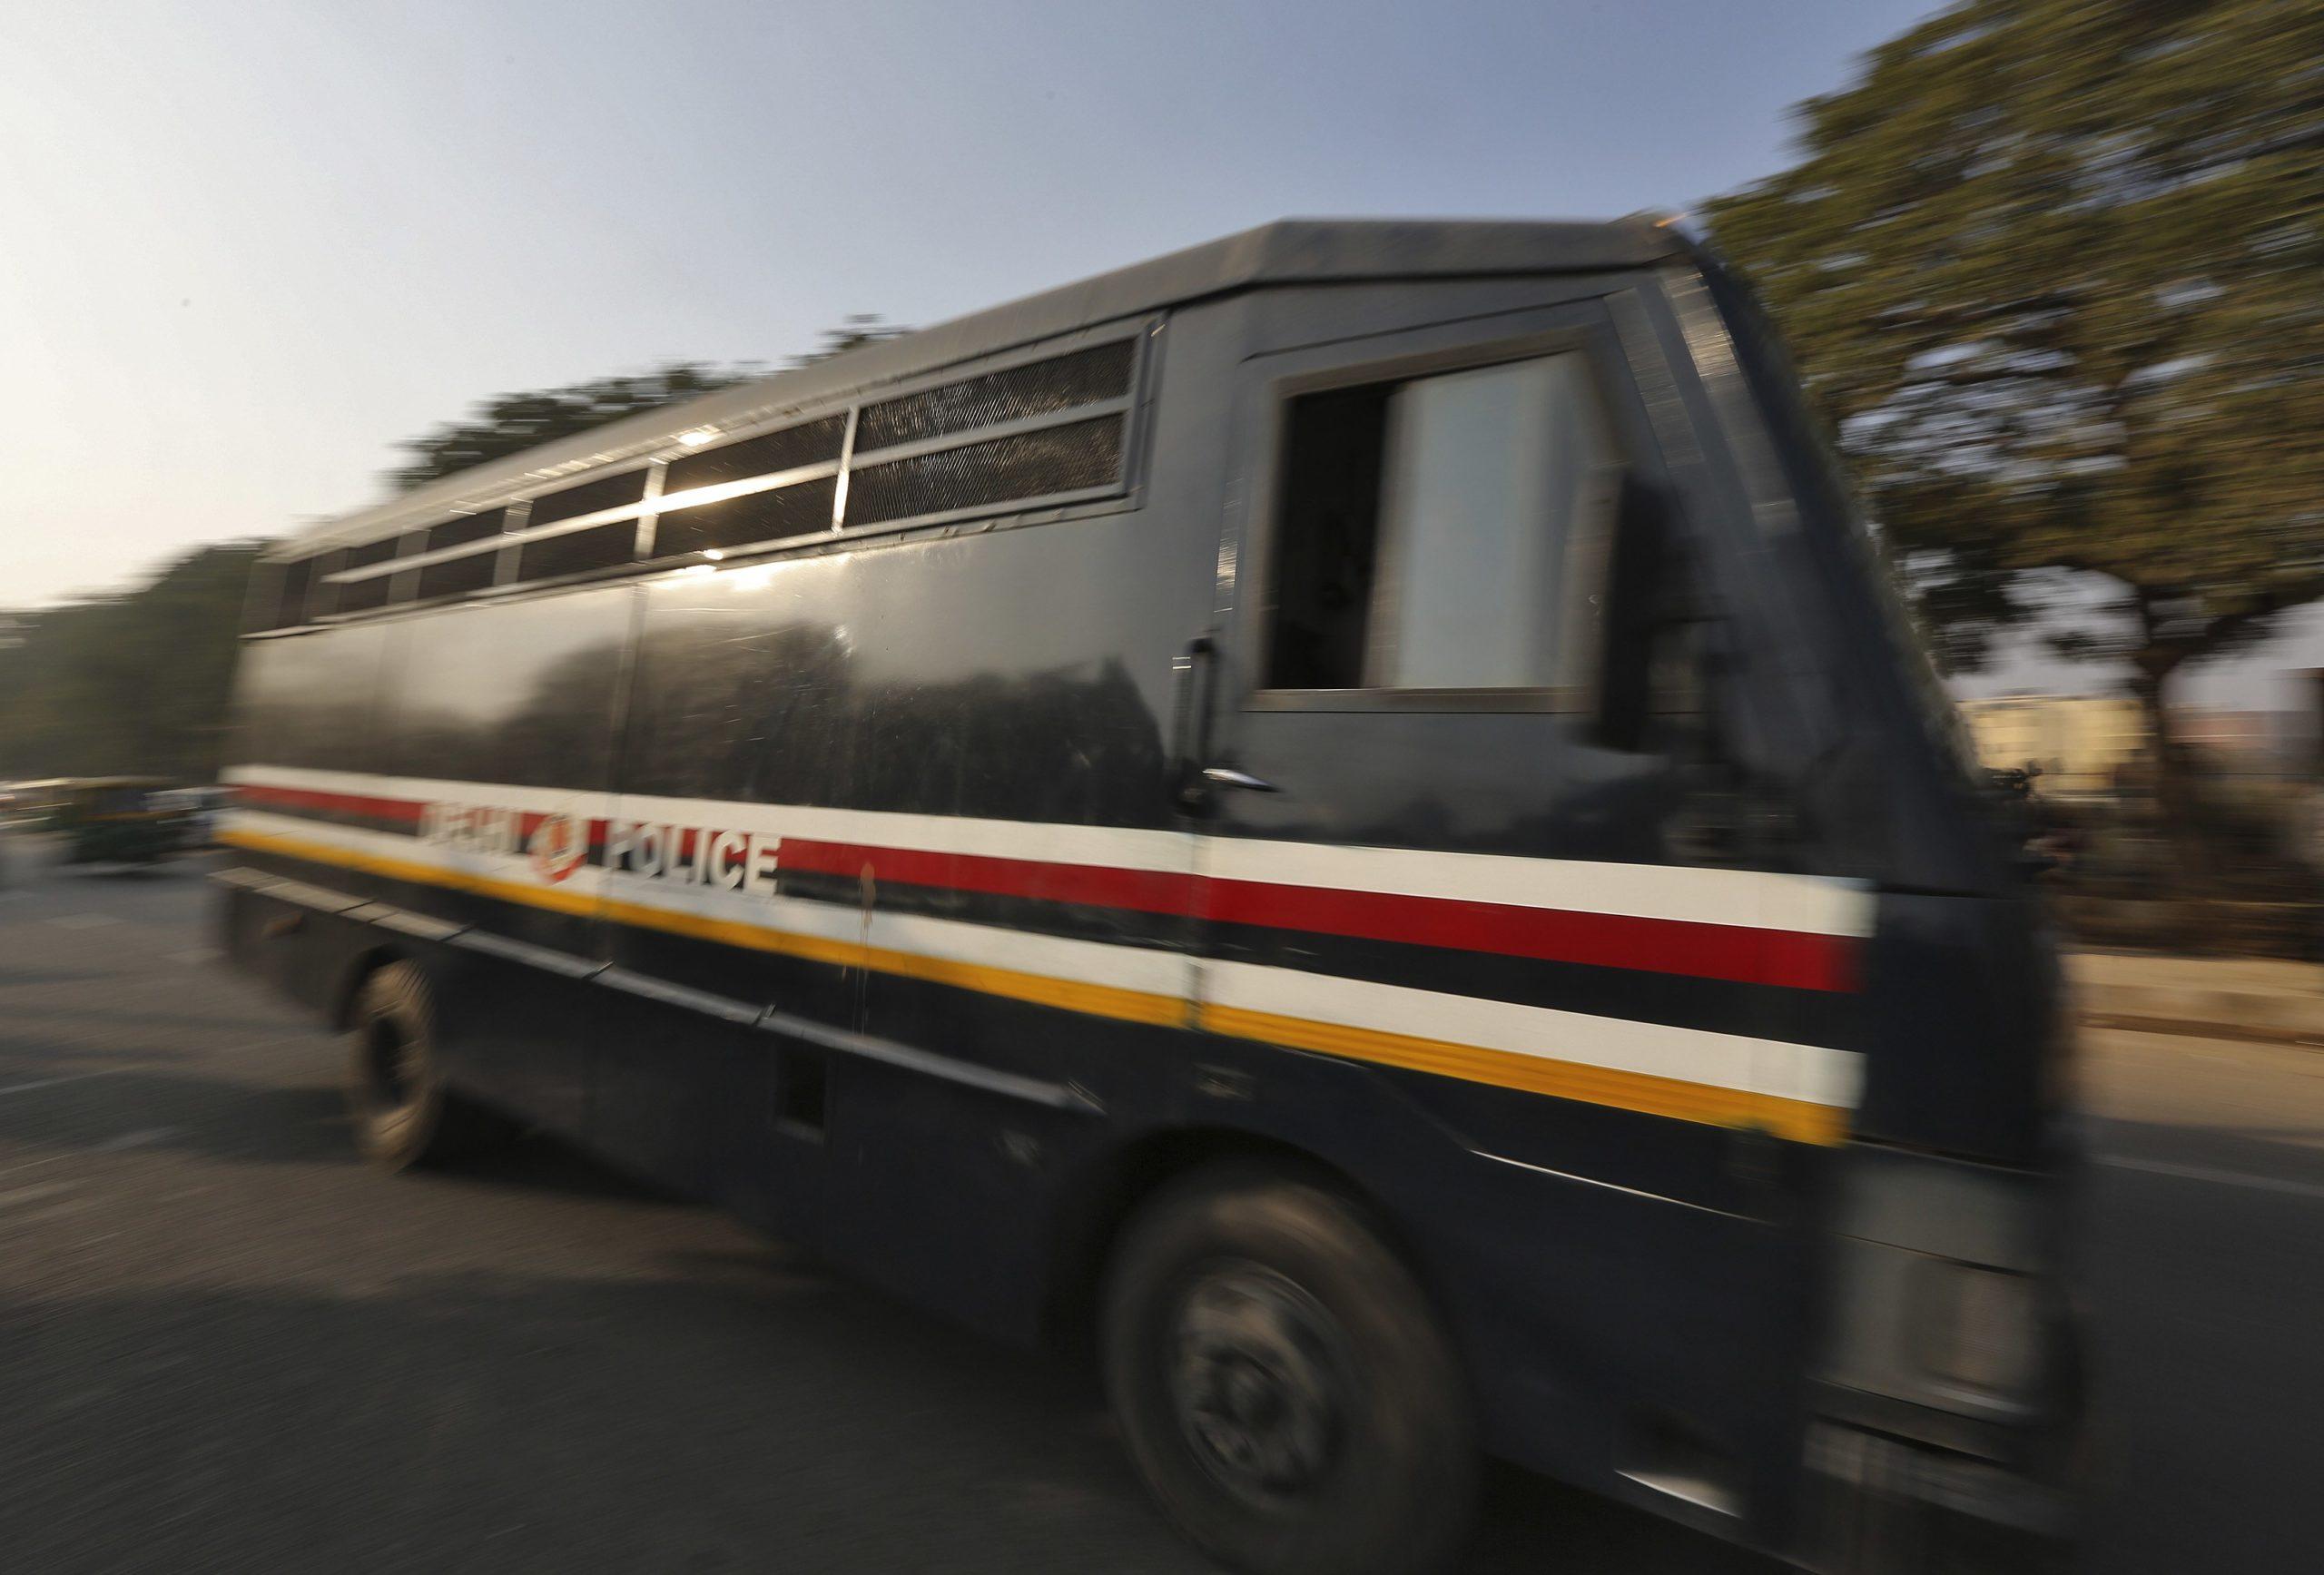 Φρίκη στην Ινδία: 25χρονος βίασε 5χρονο κοριτσάκι μέσα στην αμερικανική πρεσβεία